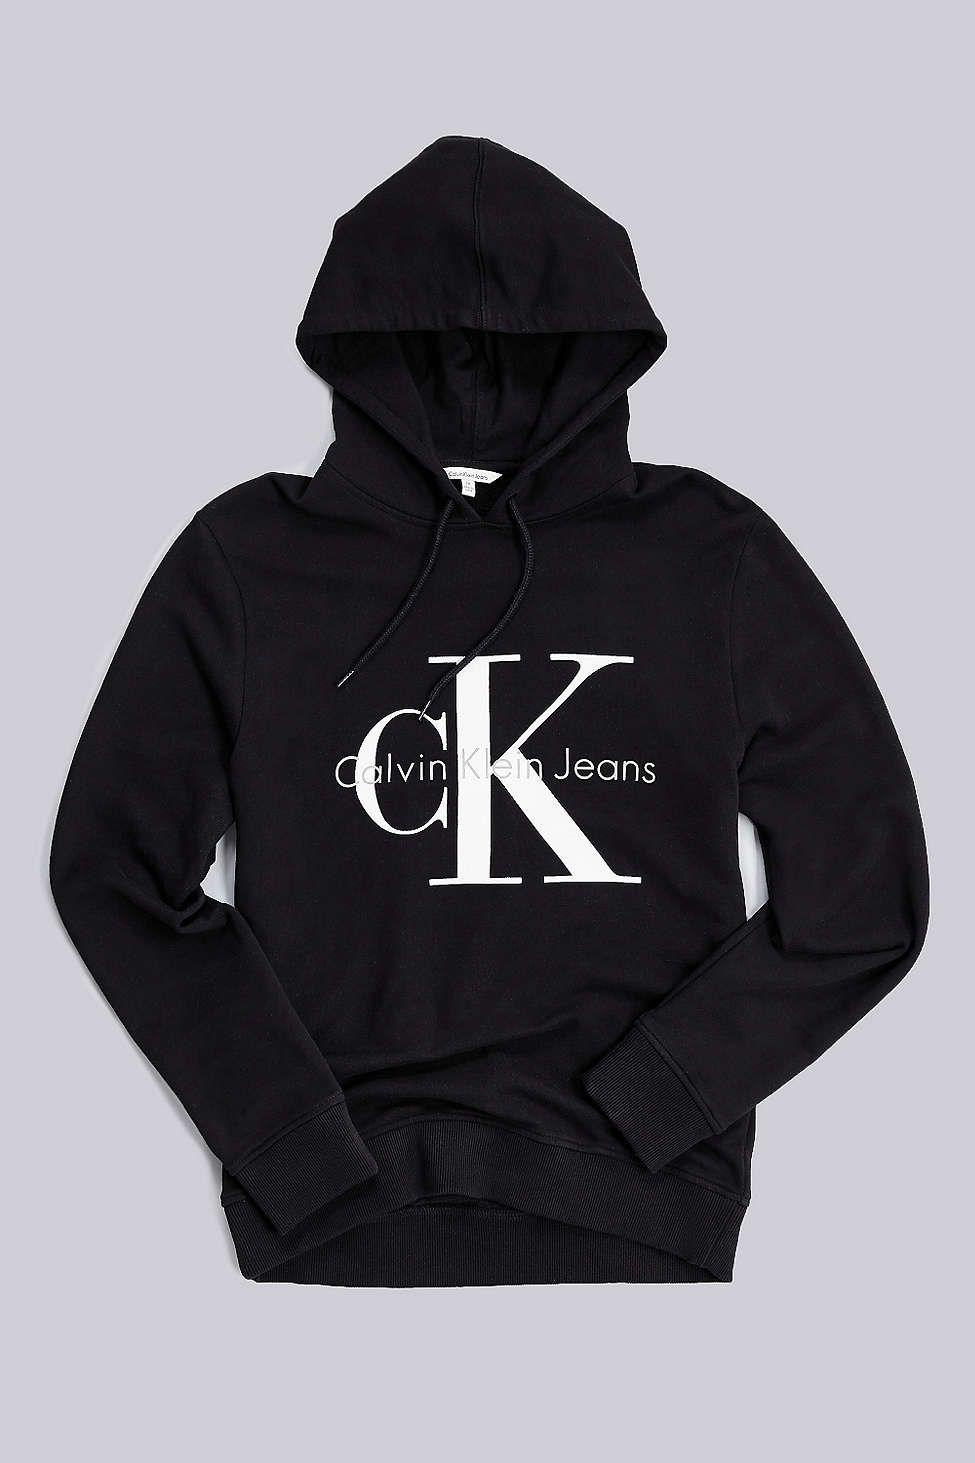 Hooded Reissue Hoodies Sweatshirt Klein Jeans Calvin Ropa tEf8qOPww